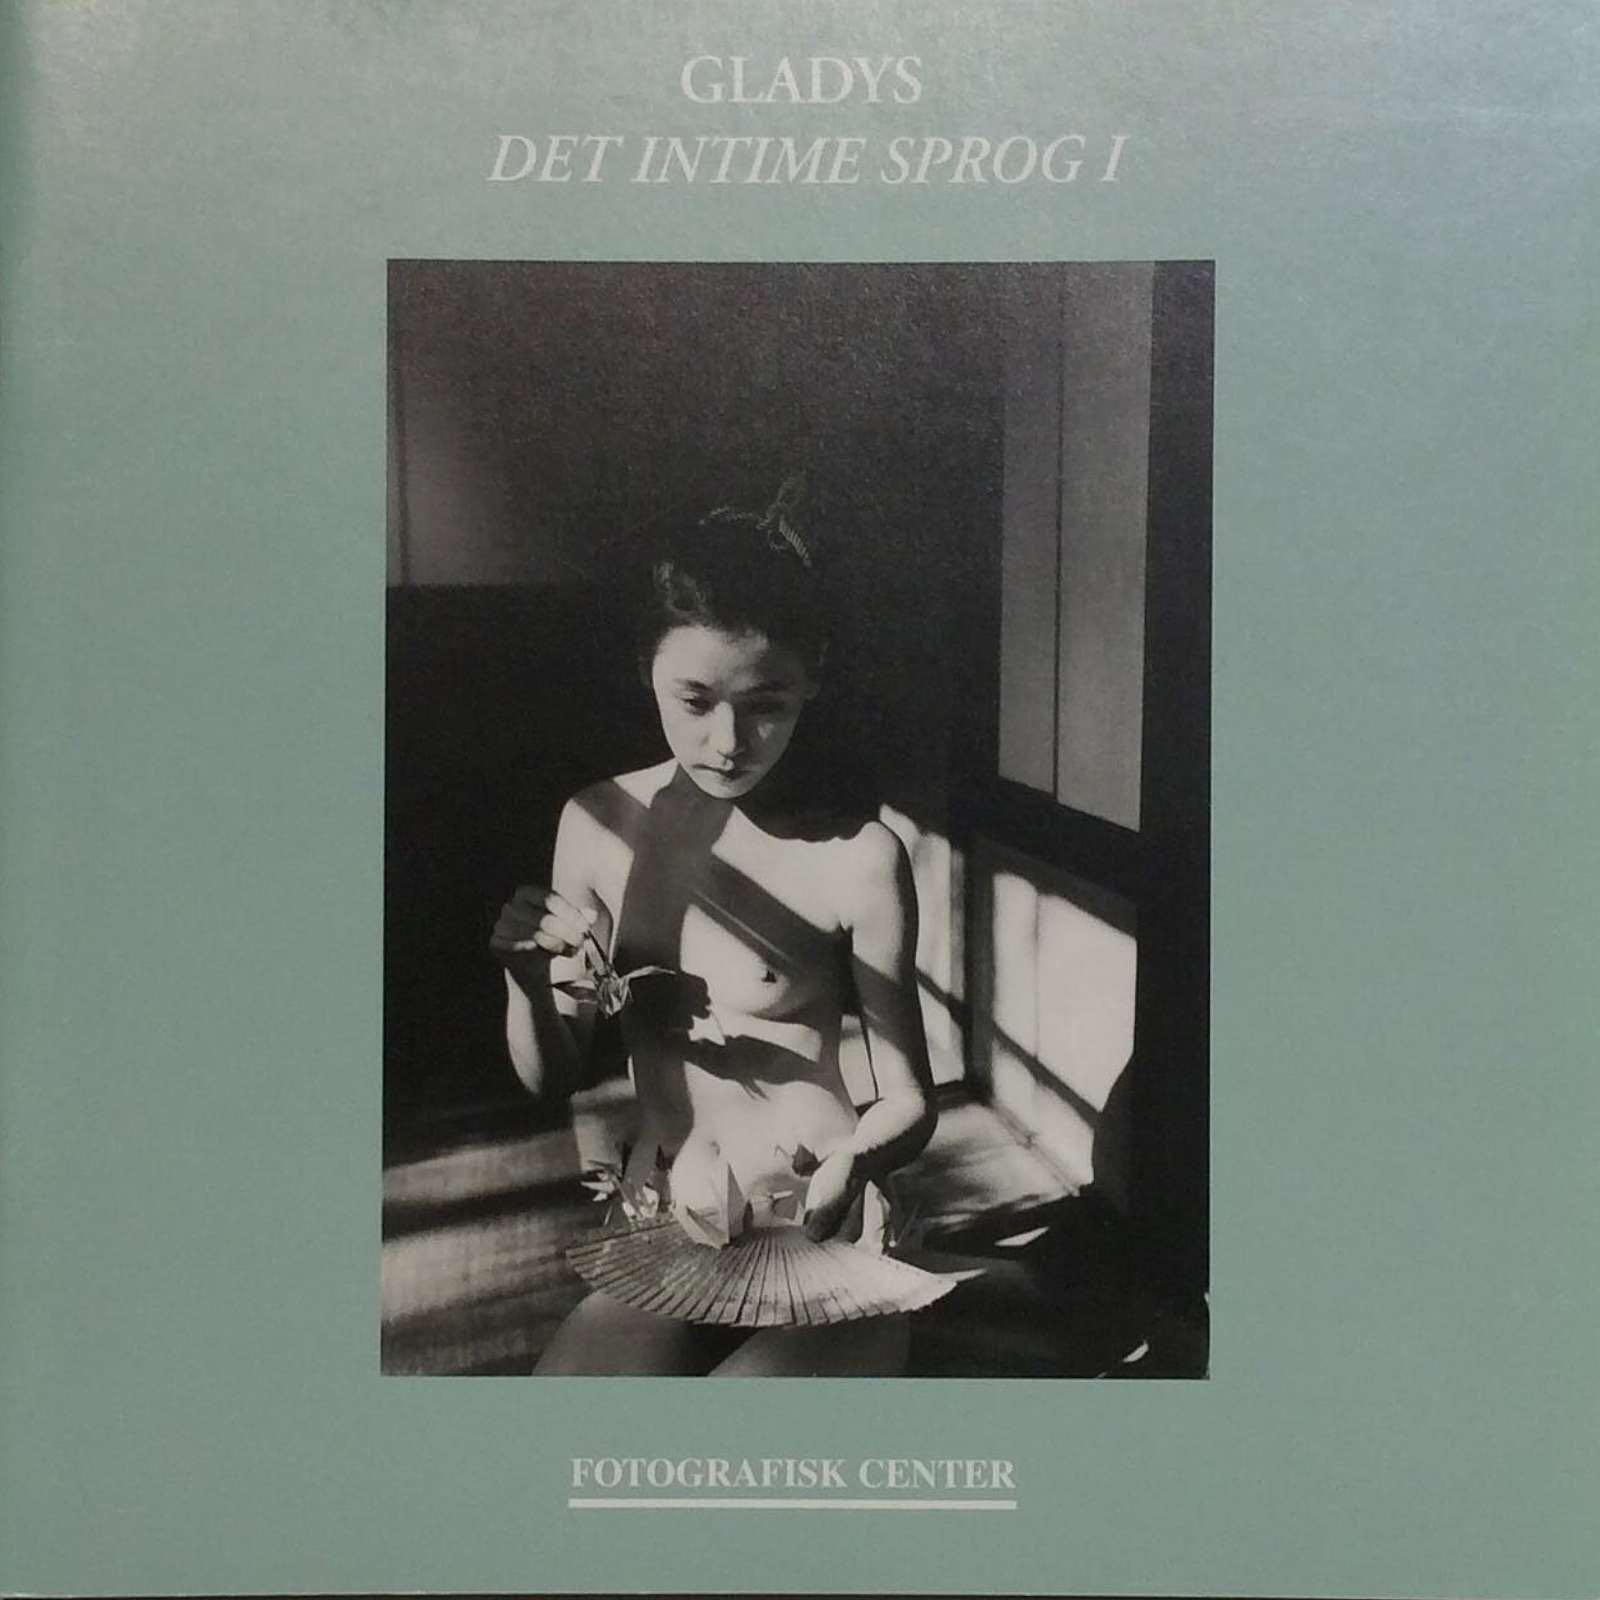 Schwander, Lars. Gladys - Det intime sprog I